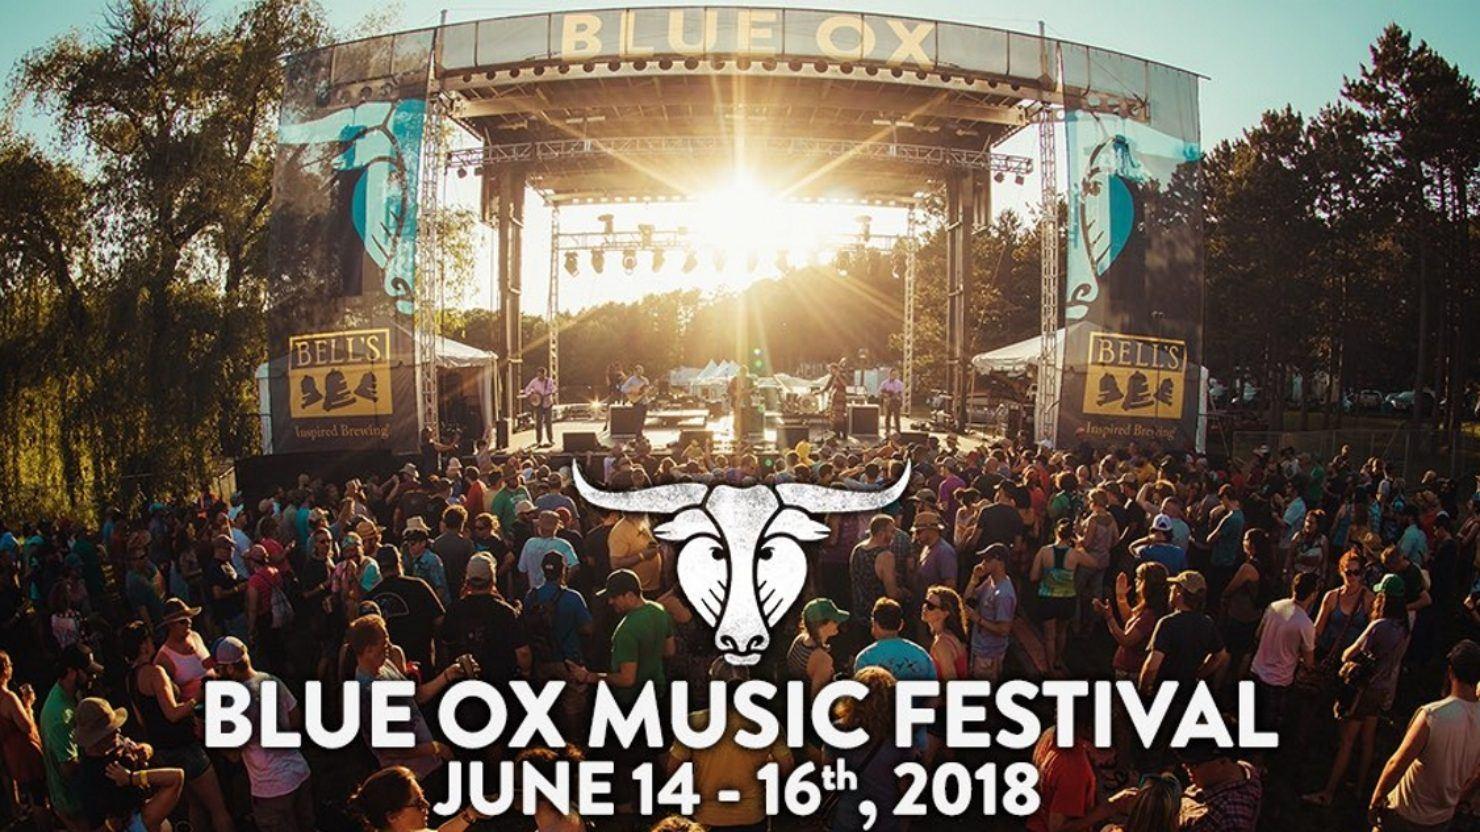 Blue Ox Music Festival Announces 2018 Lineup